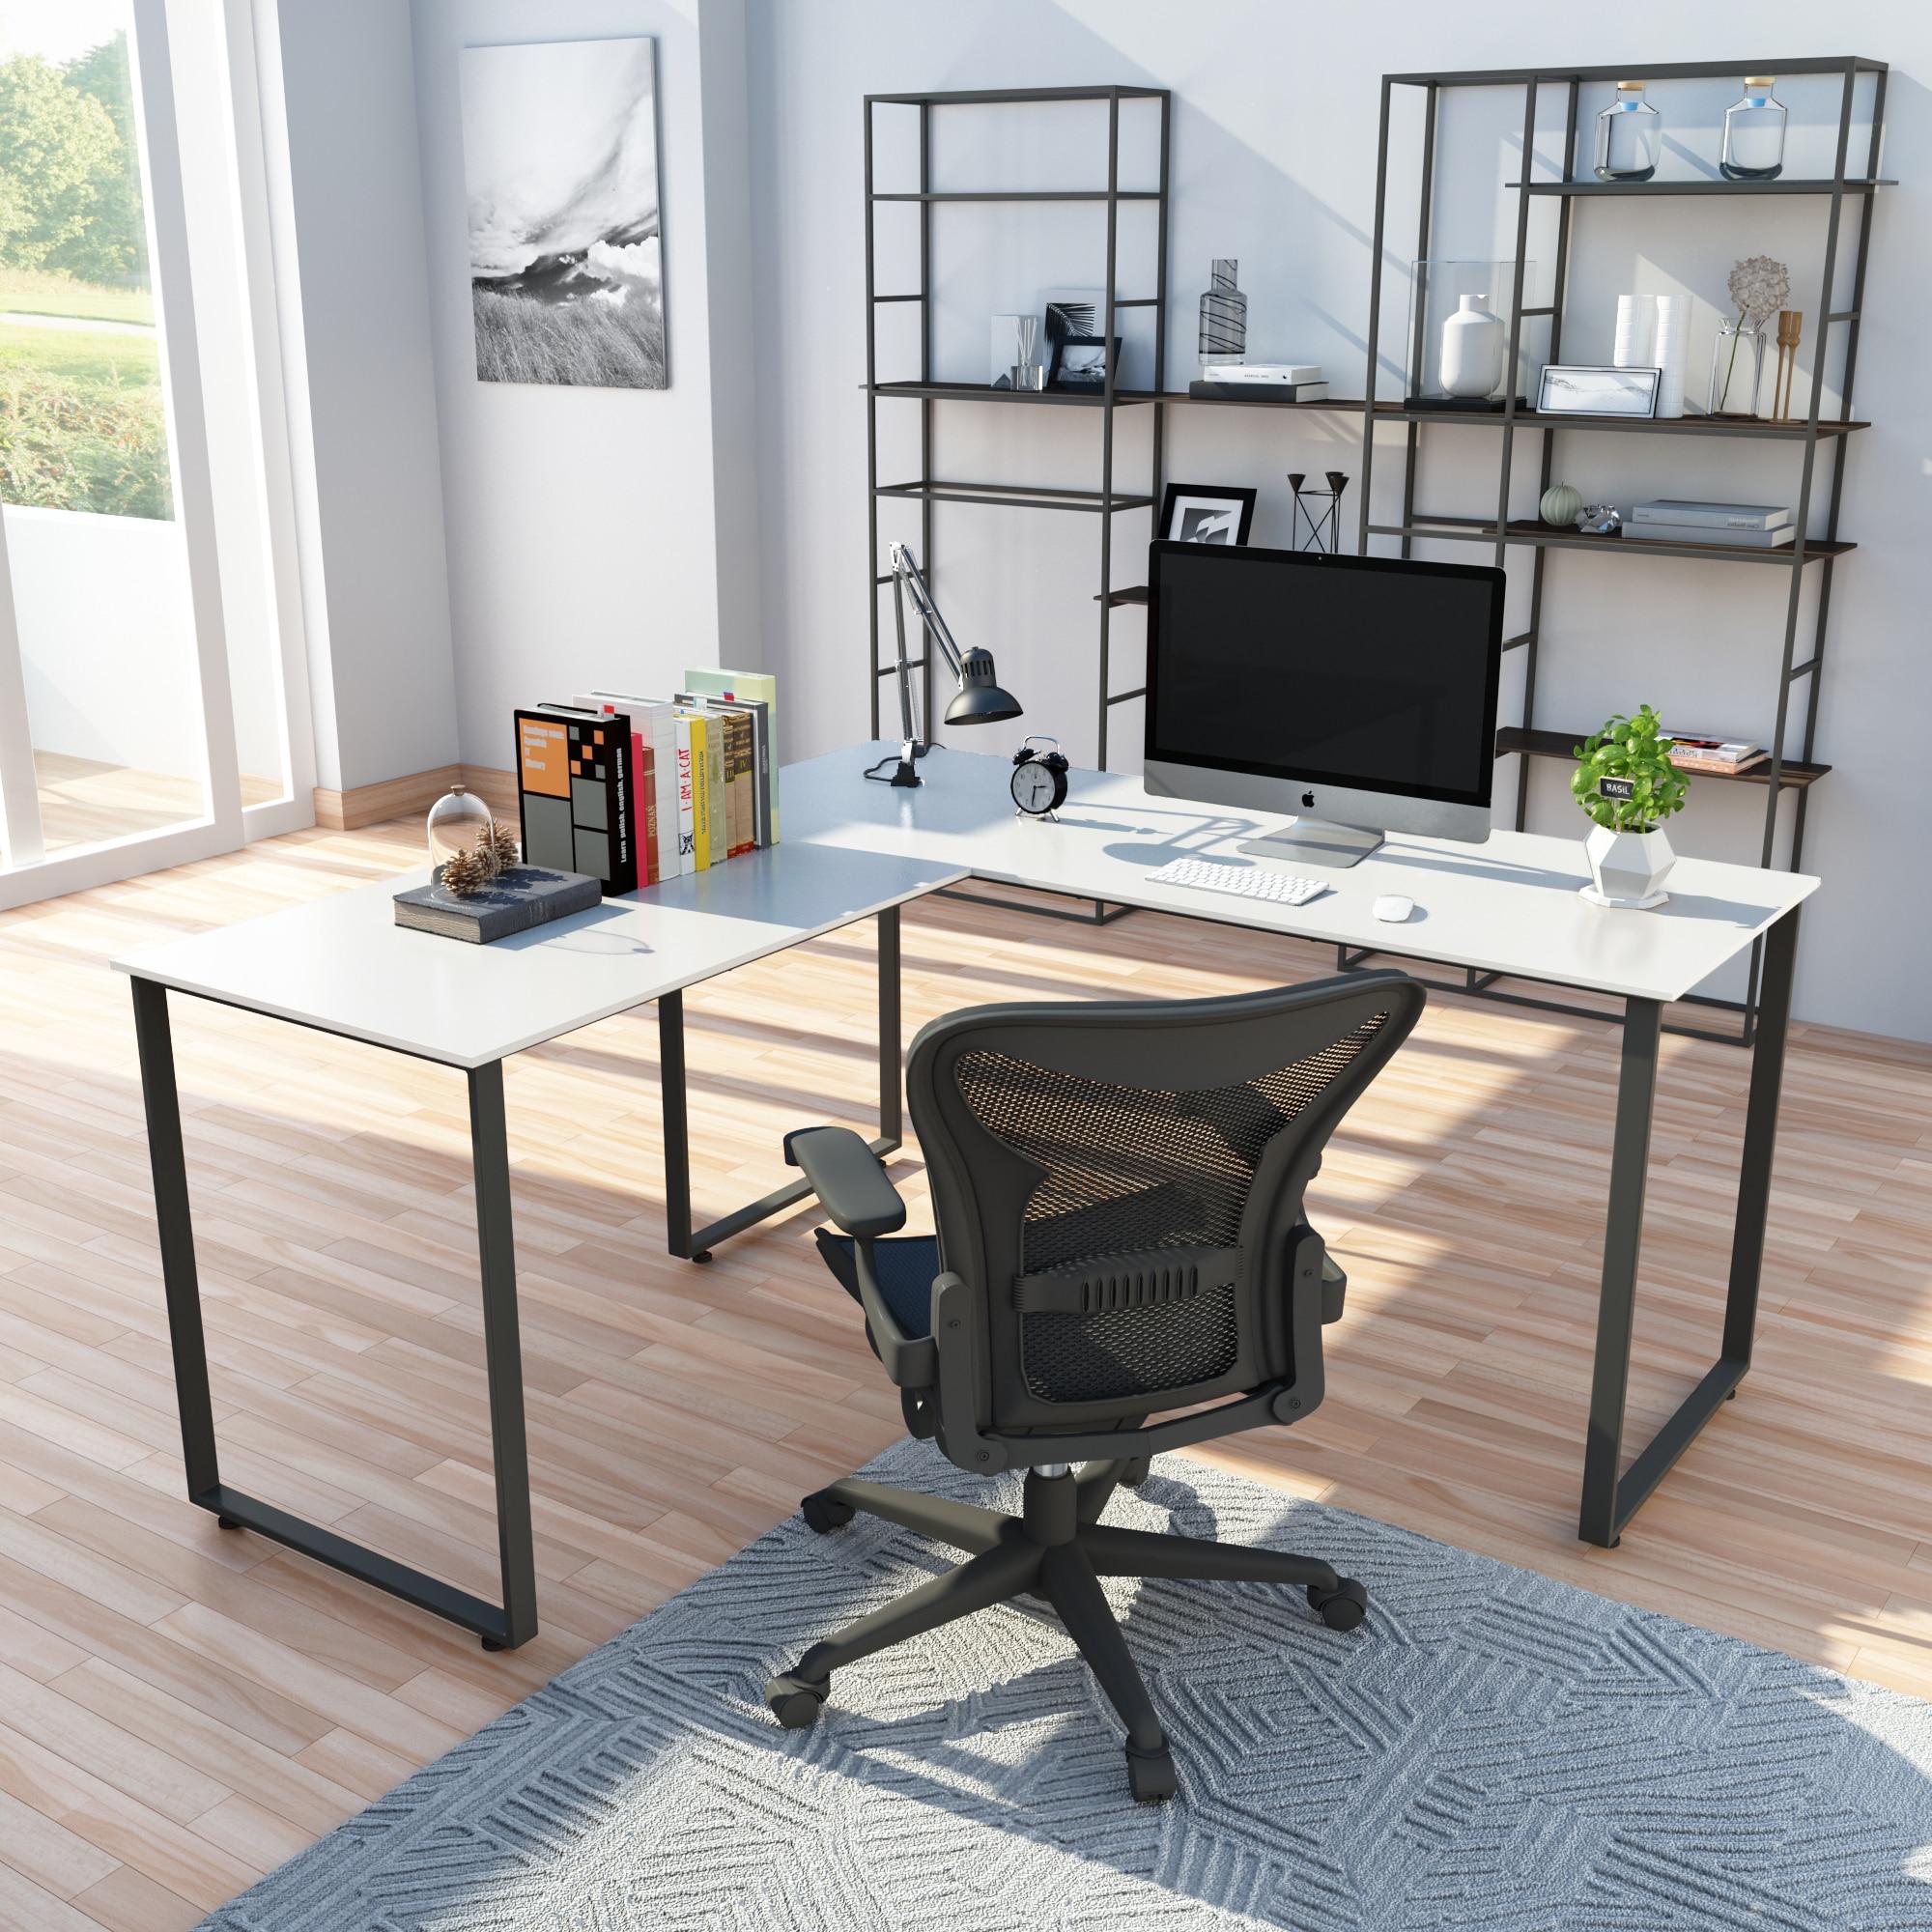 29,9 ''x 58'' x 58 ''l-образный настольный компьютер стол компьютерный стол для ПК вращающийся угловой стол и современные офисные Исследование рабо...